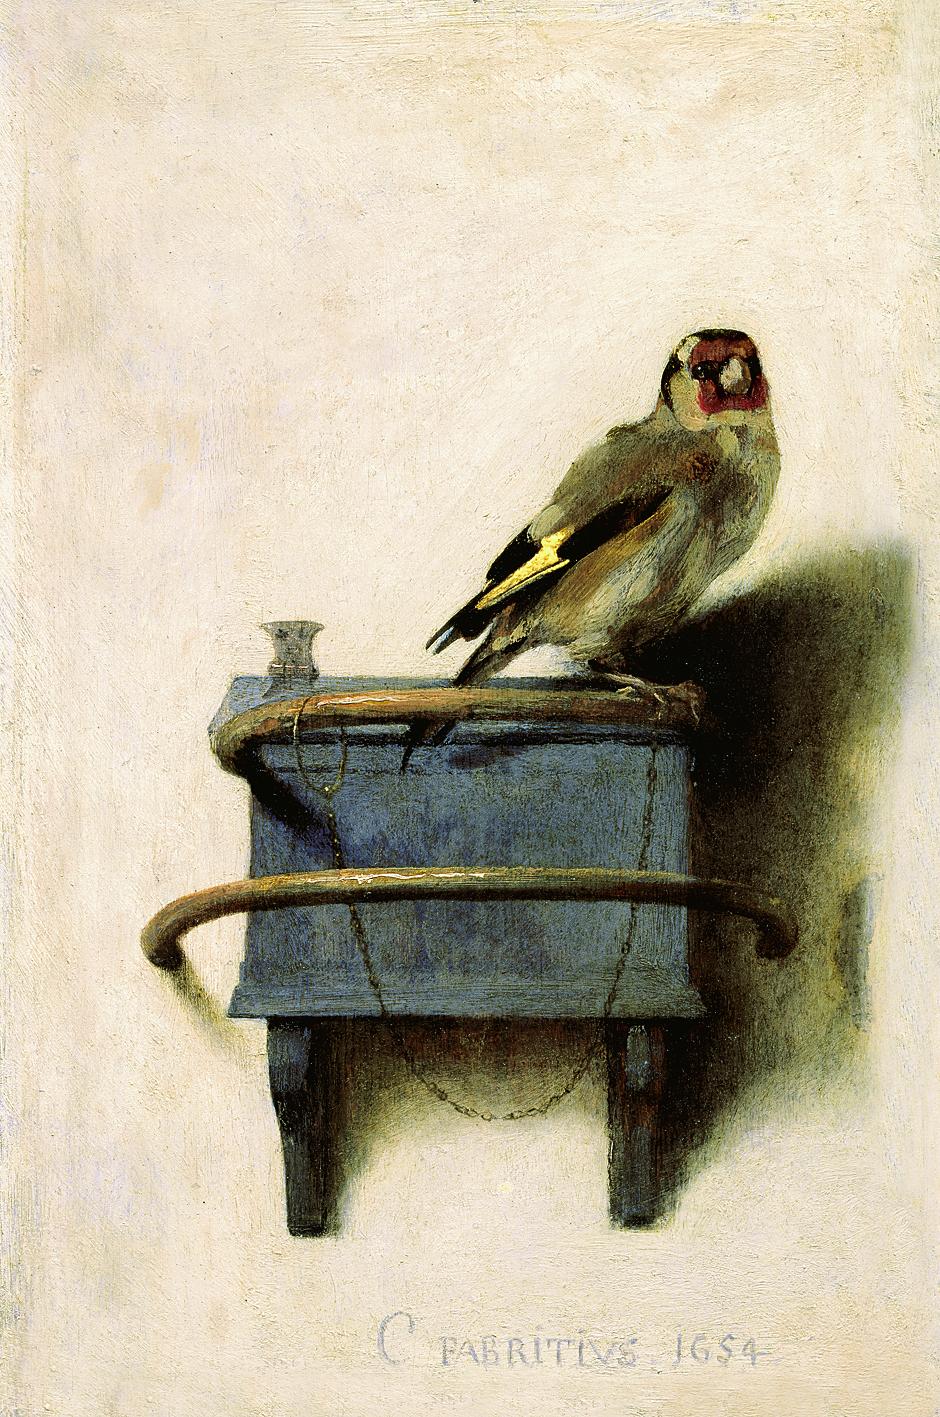 Karel Fabricius. Goldfinch